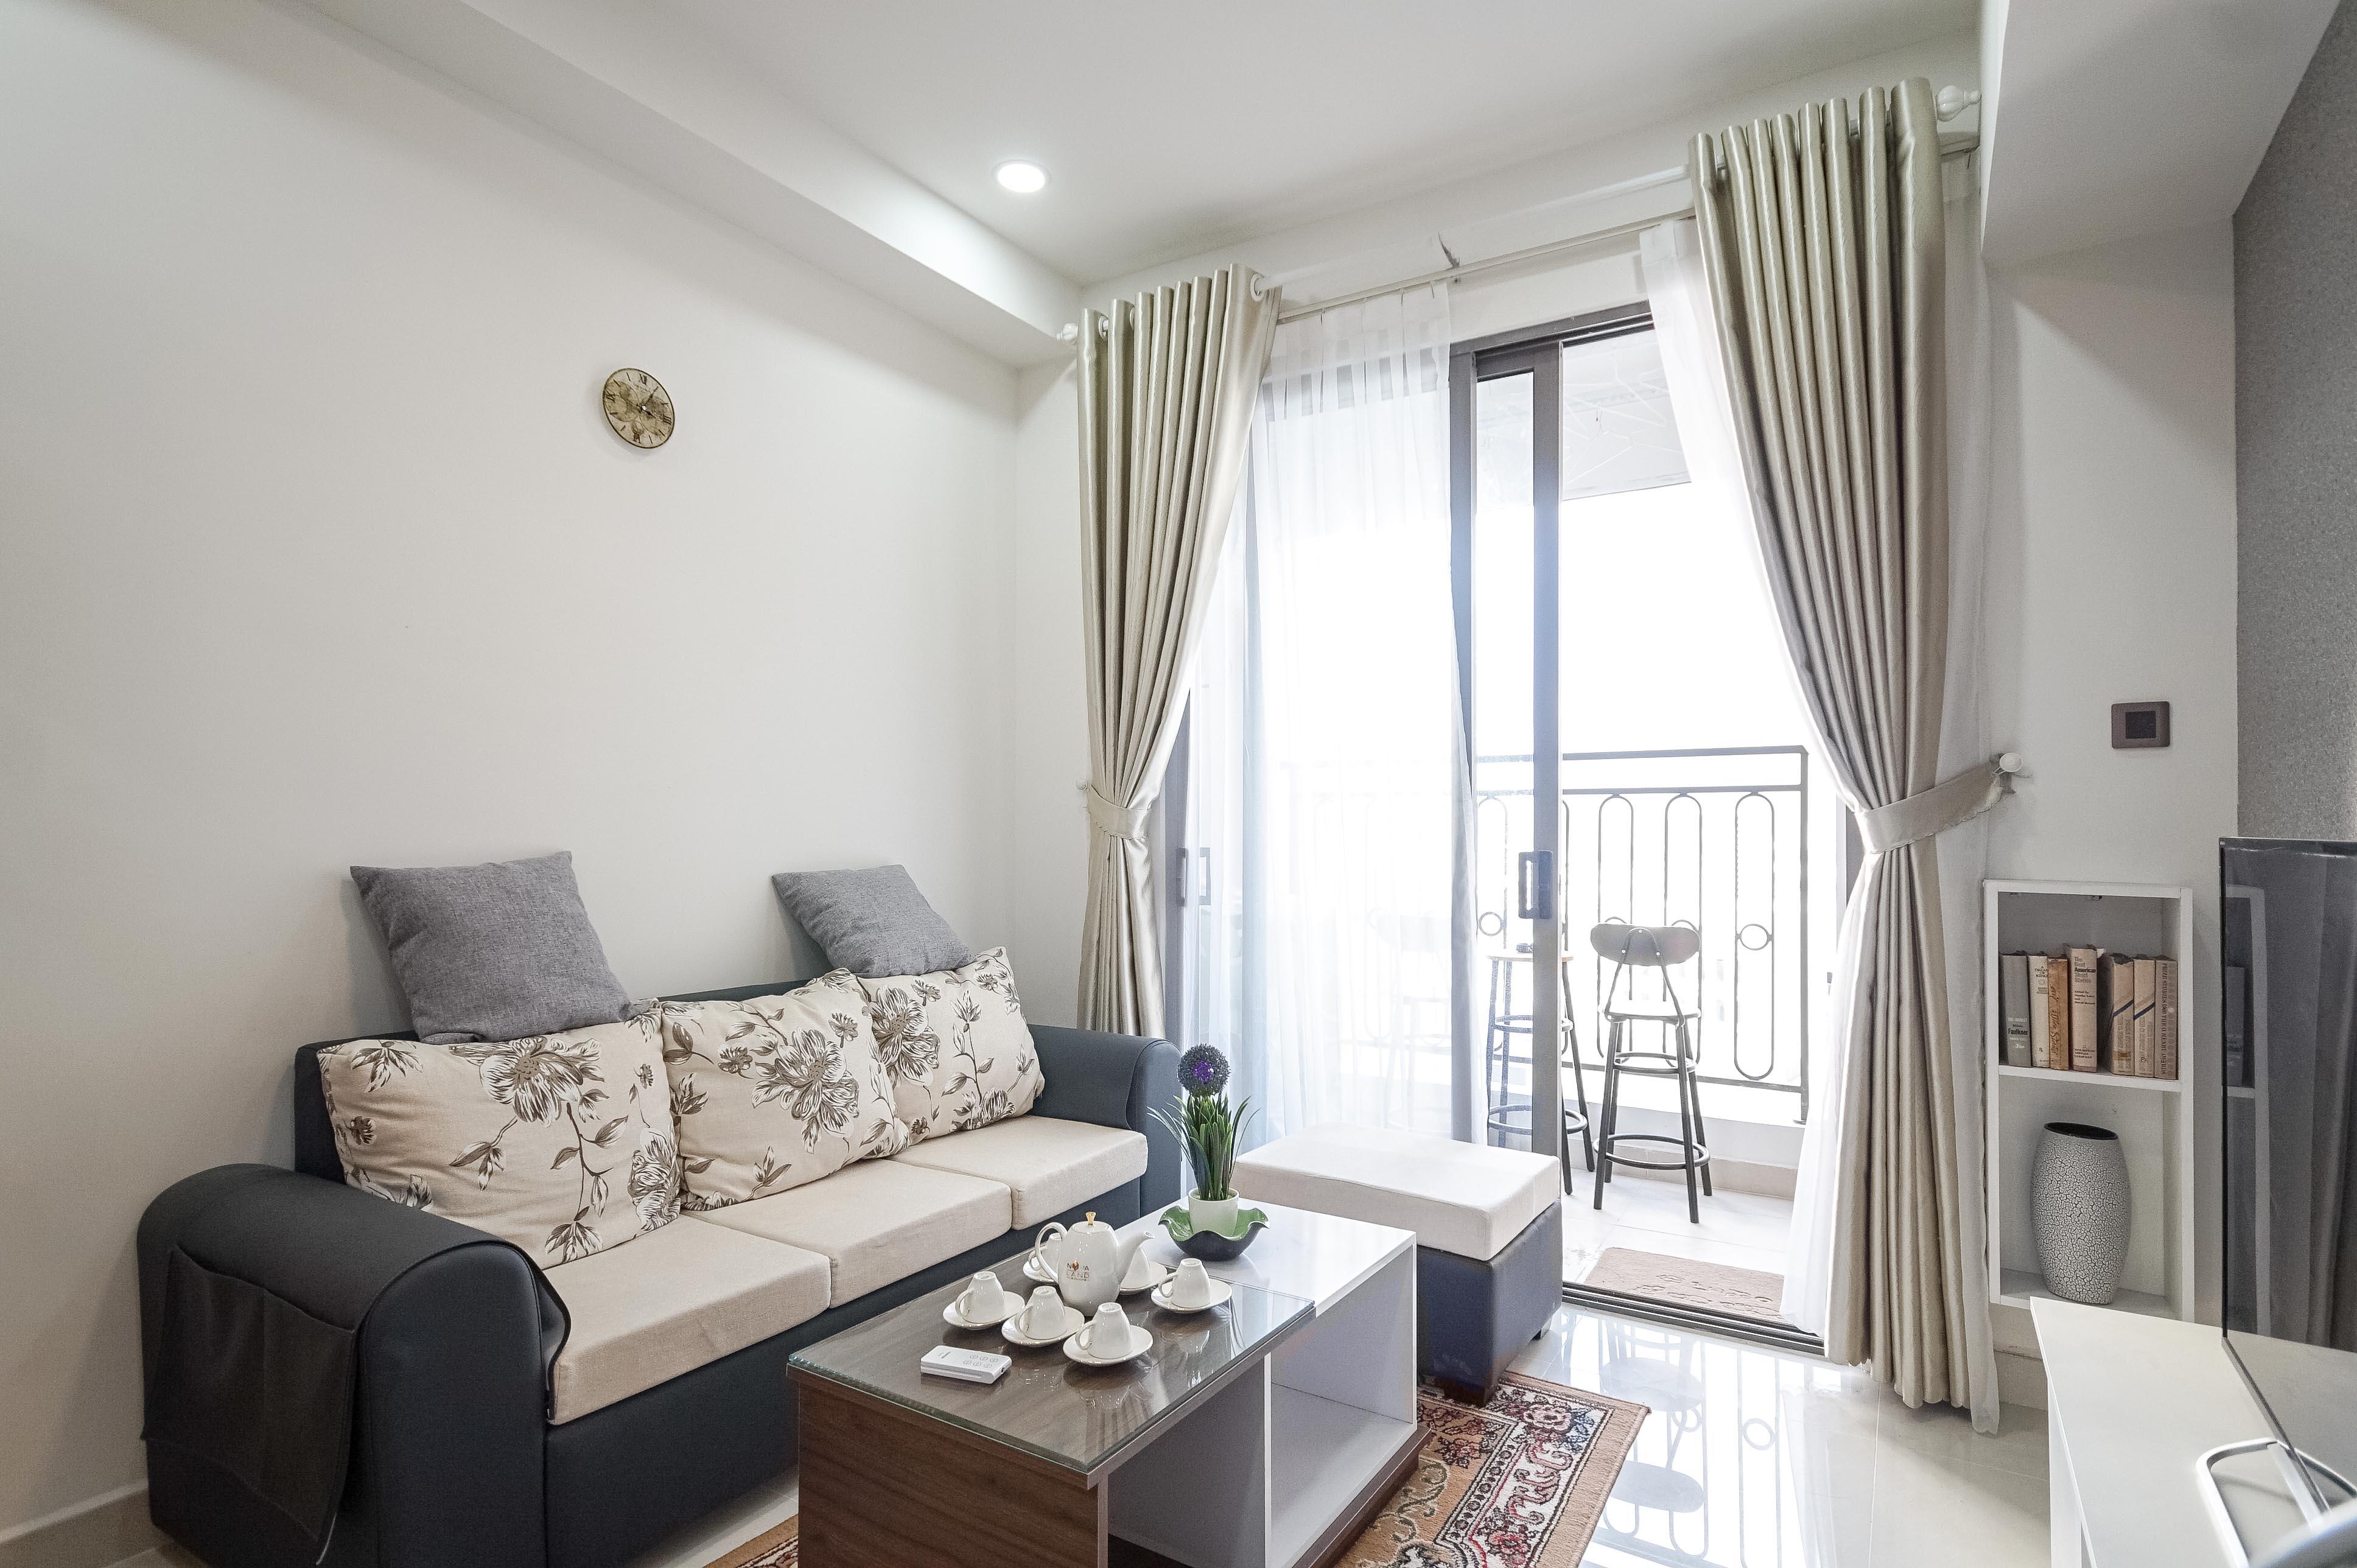 Căn hộ 1 PN Saigon Royal Residence - Đầy Đủ Nội Thất & Ấm Cúng-4